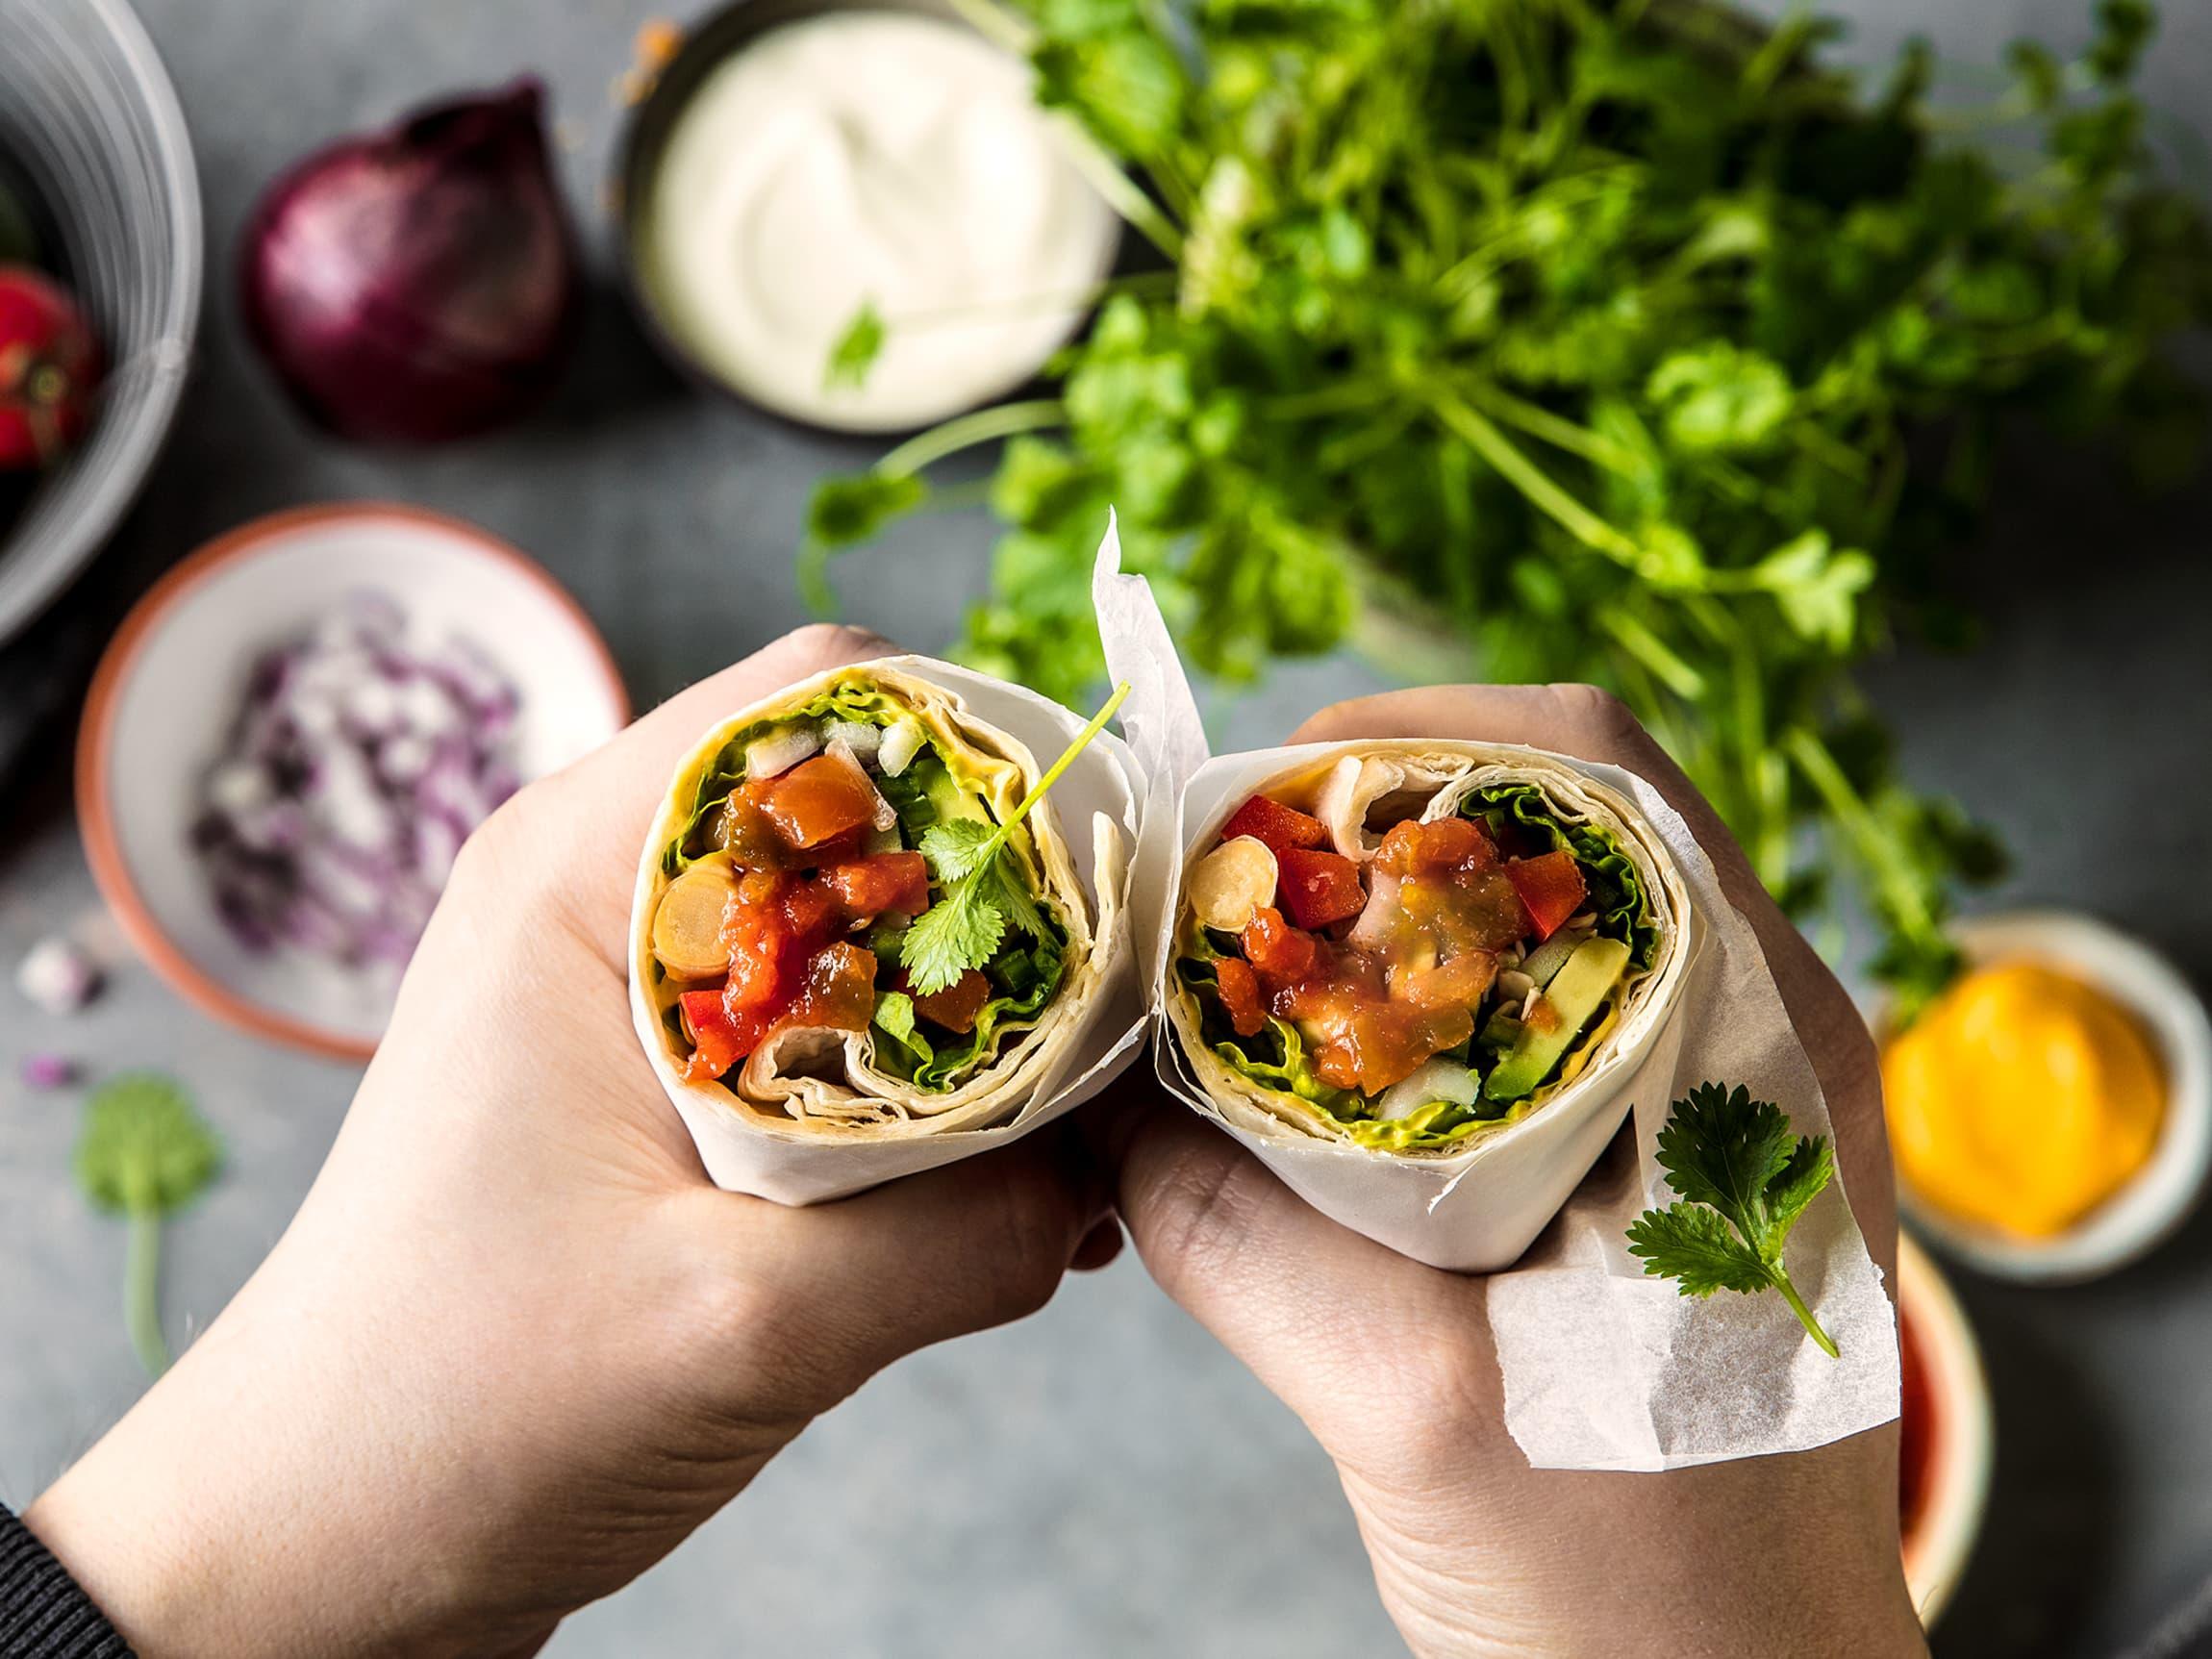 Rester etter taco? Slik bruker du dem